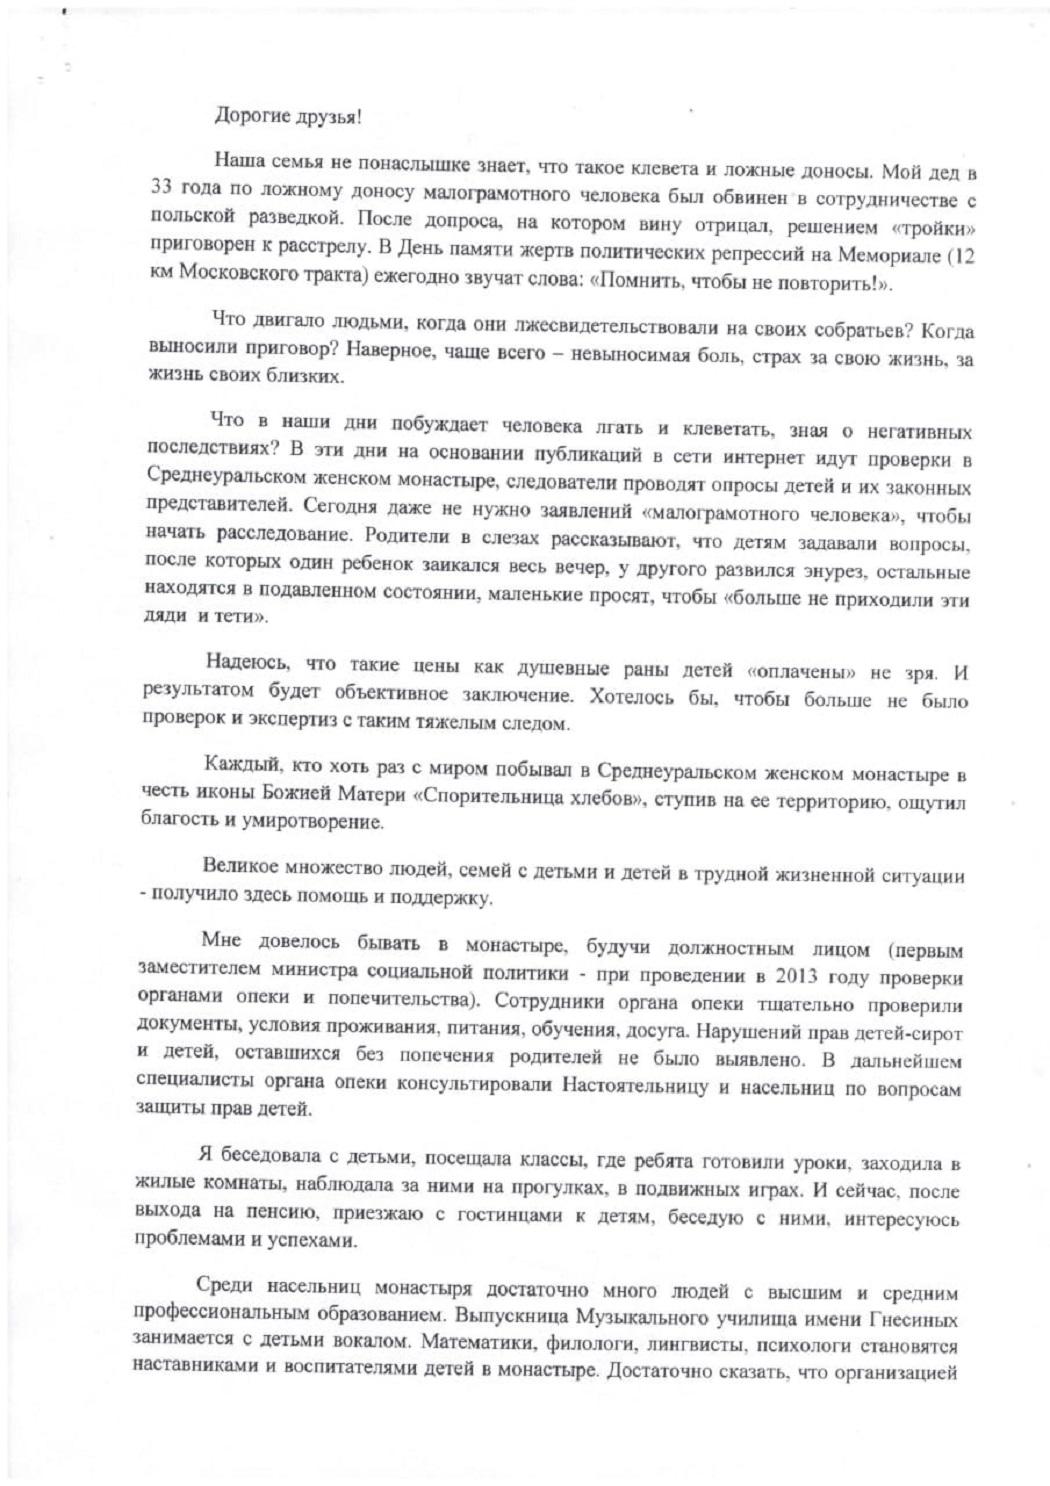 Заявление Лайковской1